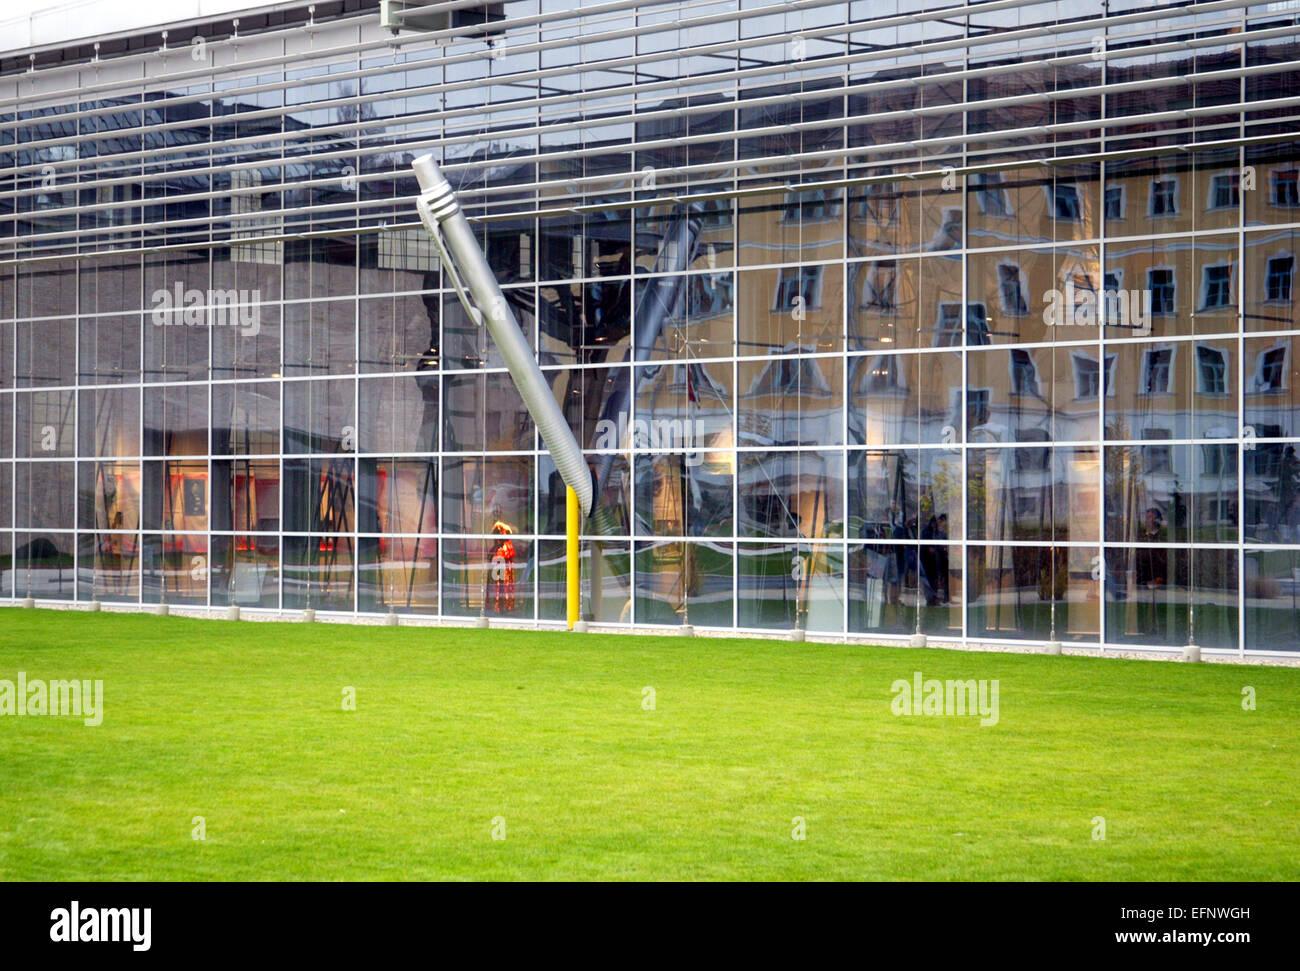 architektur modern fassade glasfassade glas fenster aussen rasen haus stockfoto lizenzfreies. Black Bedroom Furniture Sets. Home Design Ideas